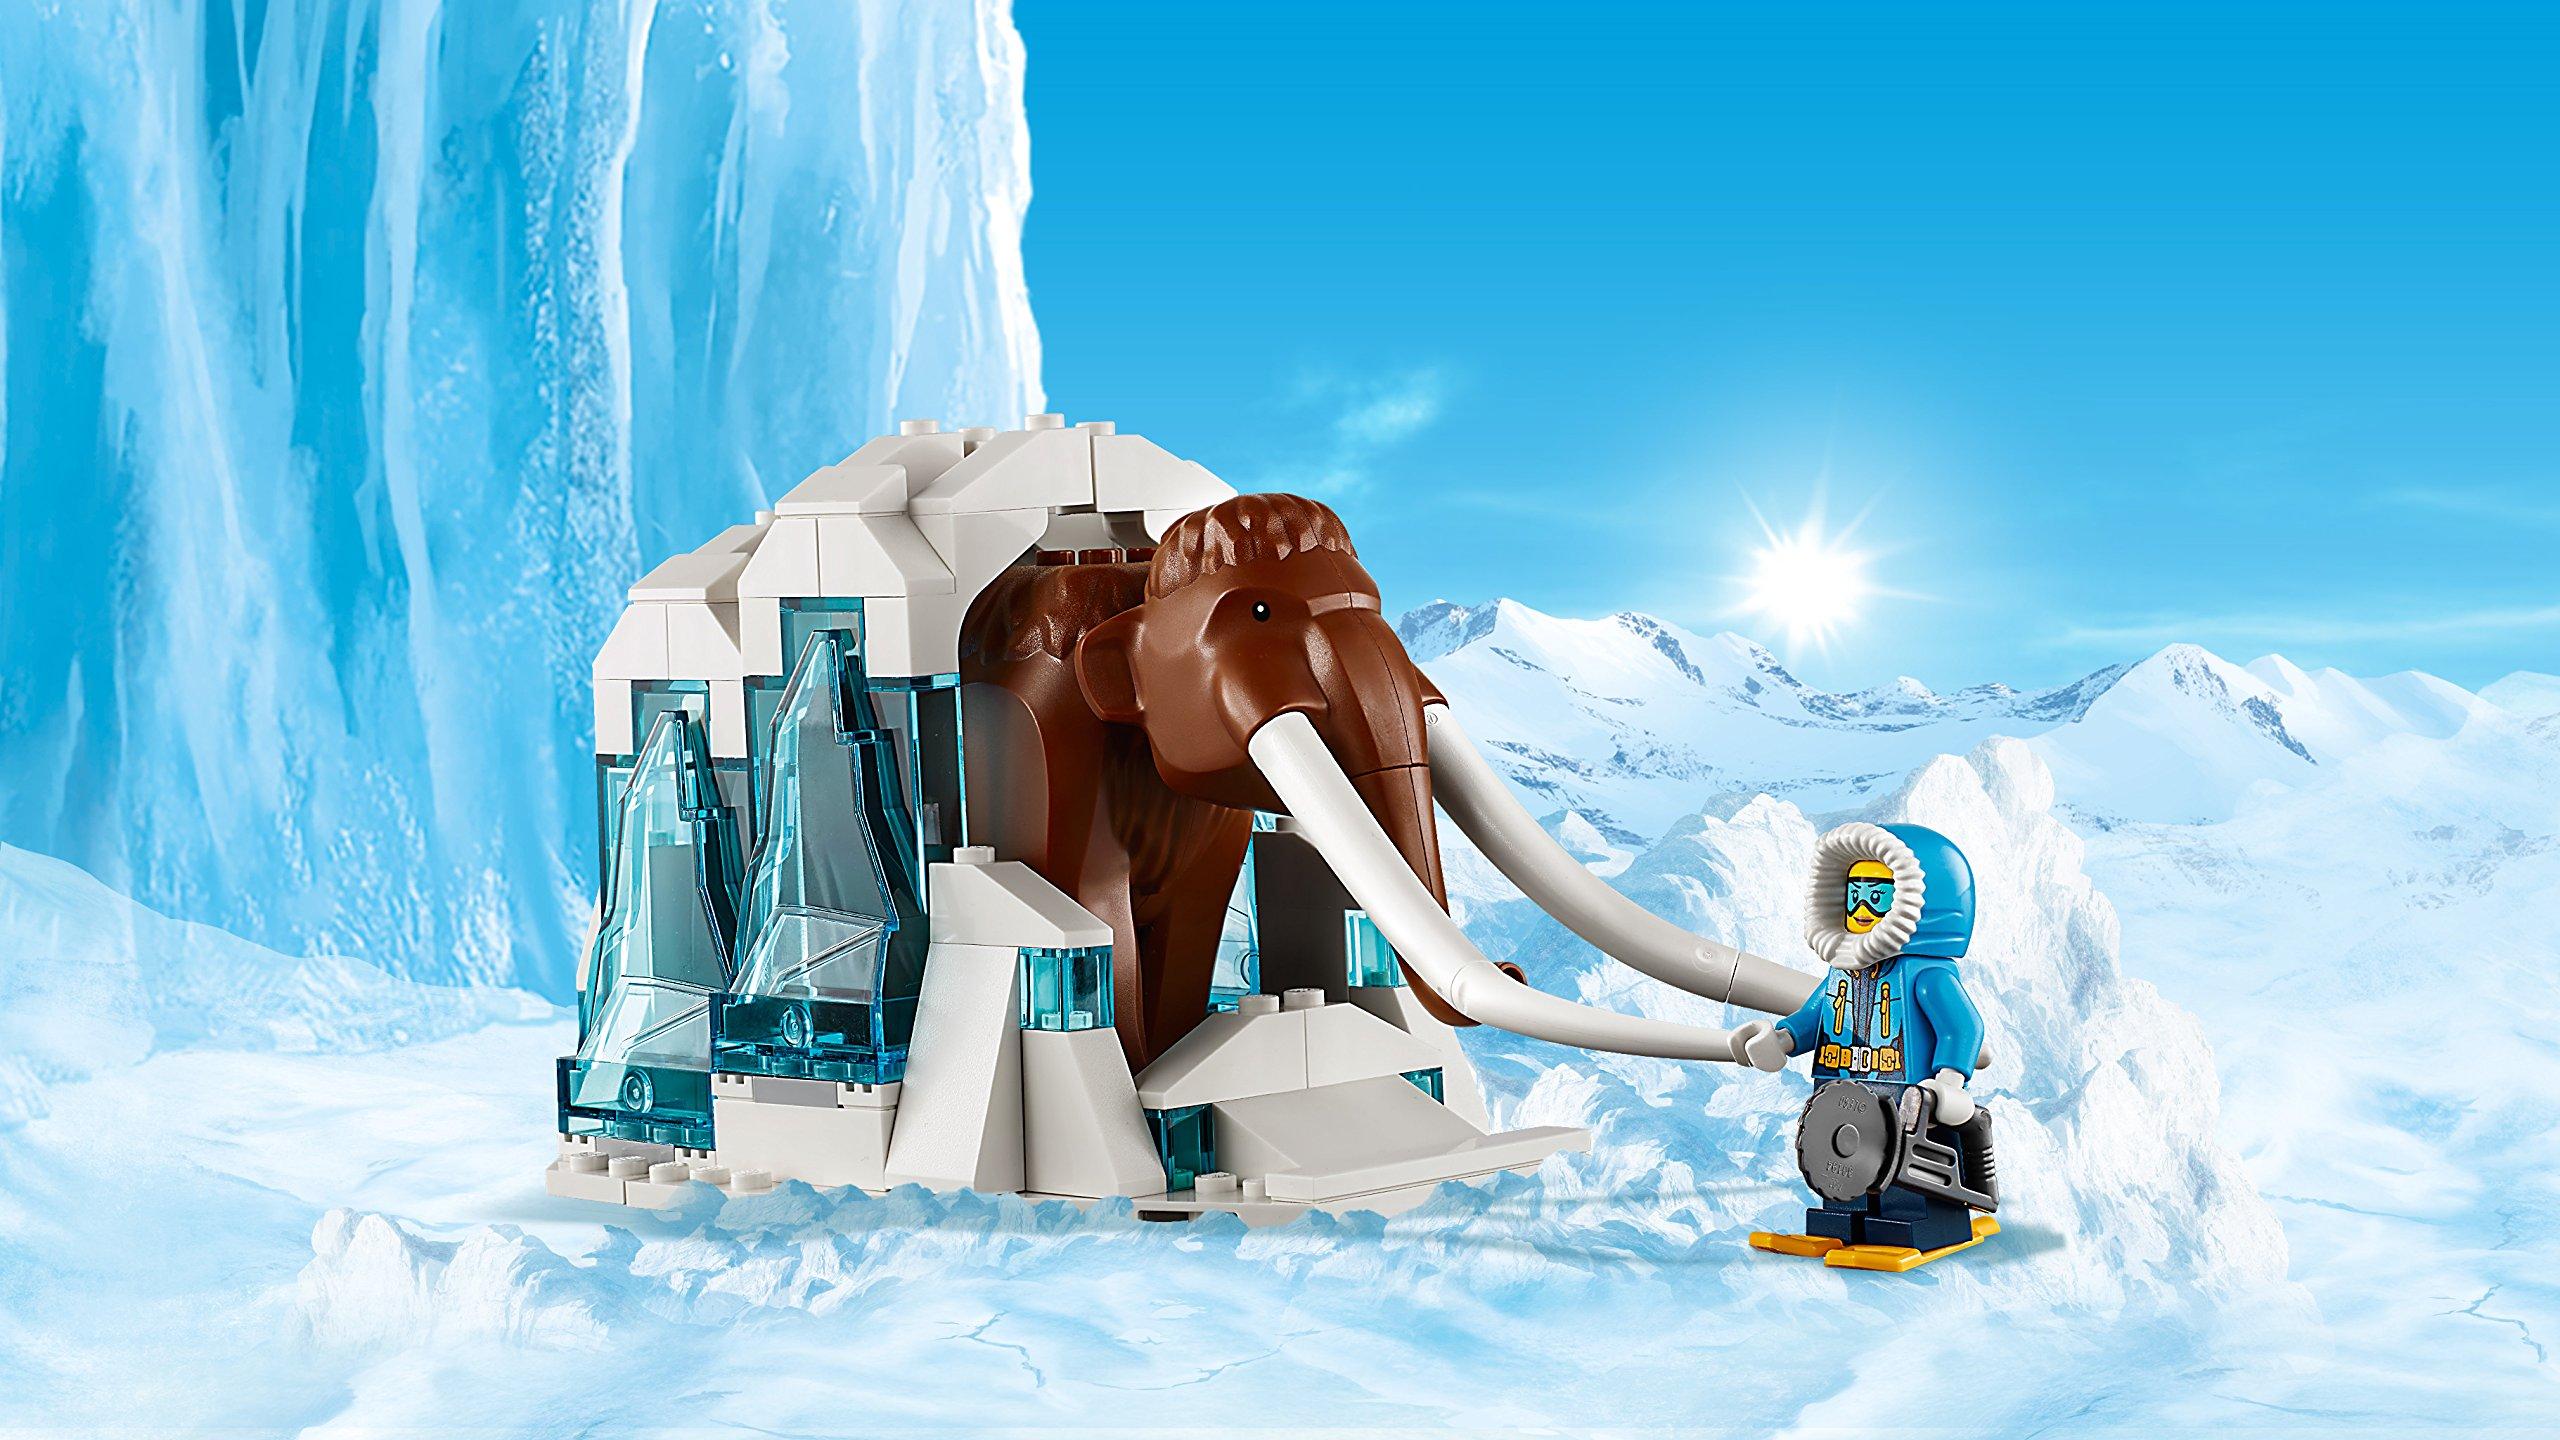 LEGO Base Mobile Di Esplorazione Artica Costruzioni Piccole Gioco o 562 5 spesavip